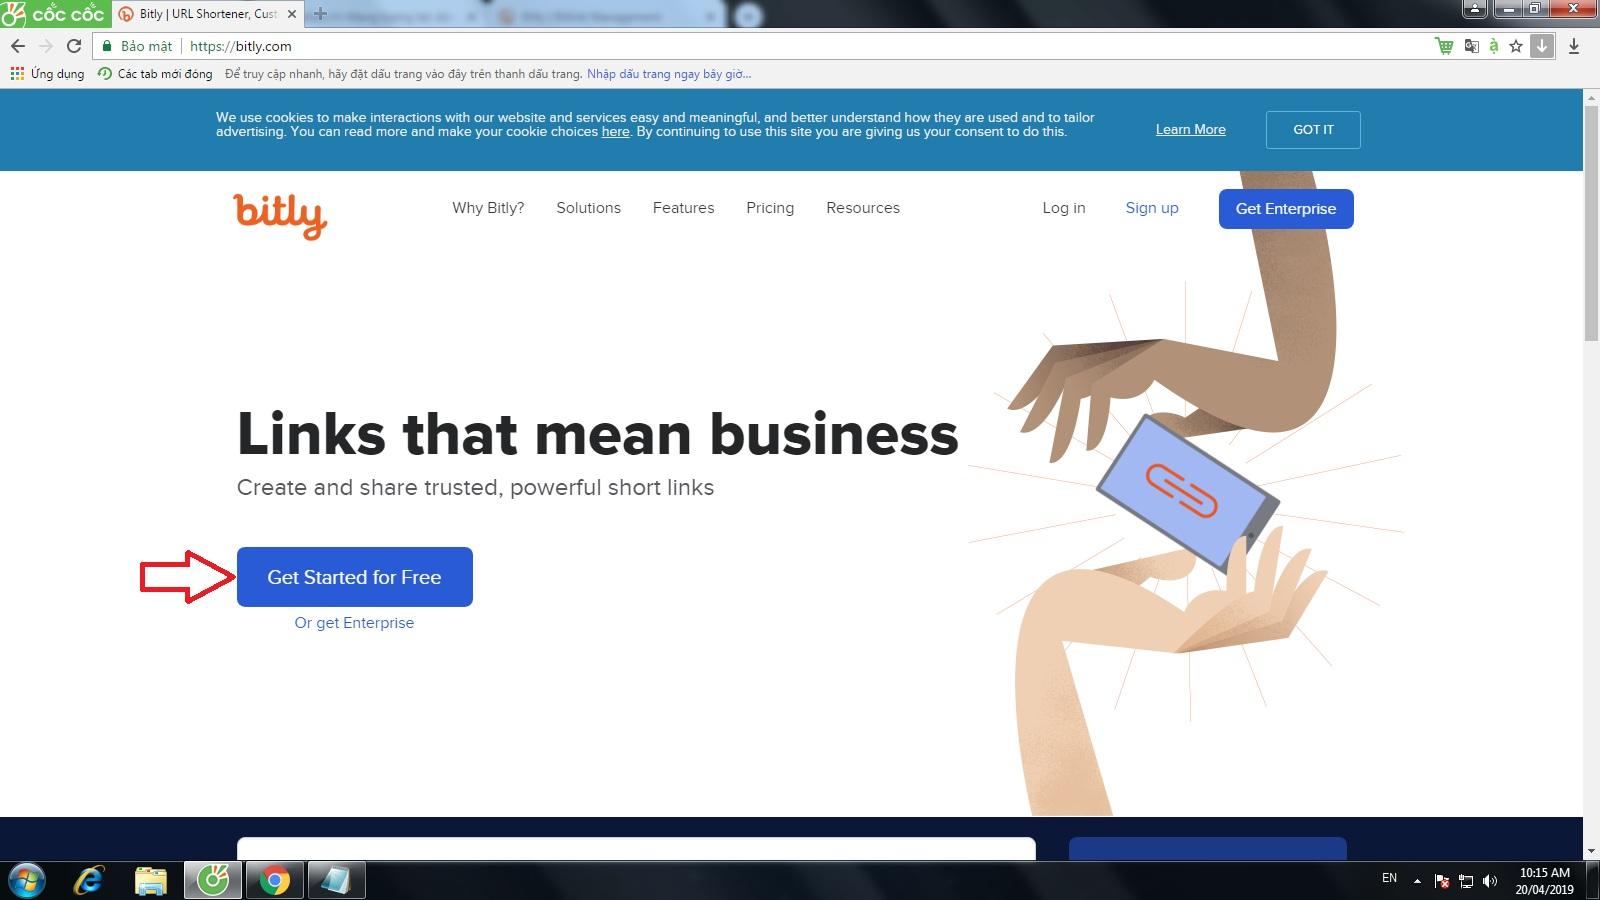 Cách tạo link rút gọn với Bit.ly